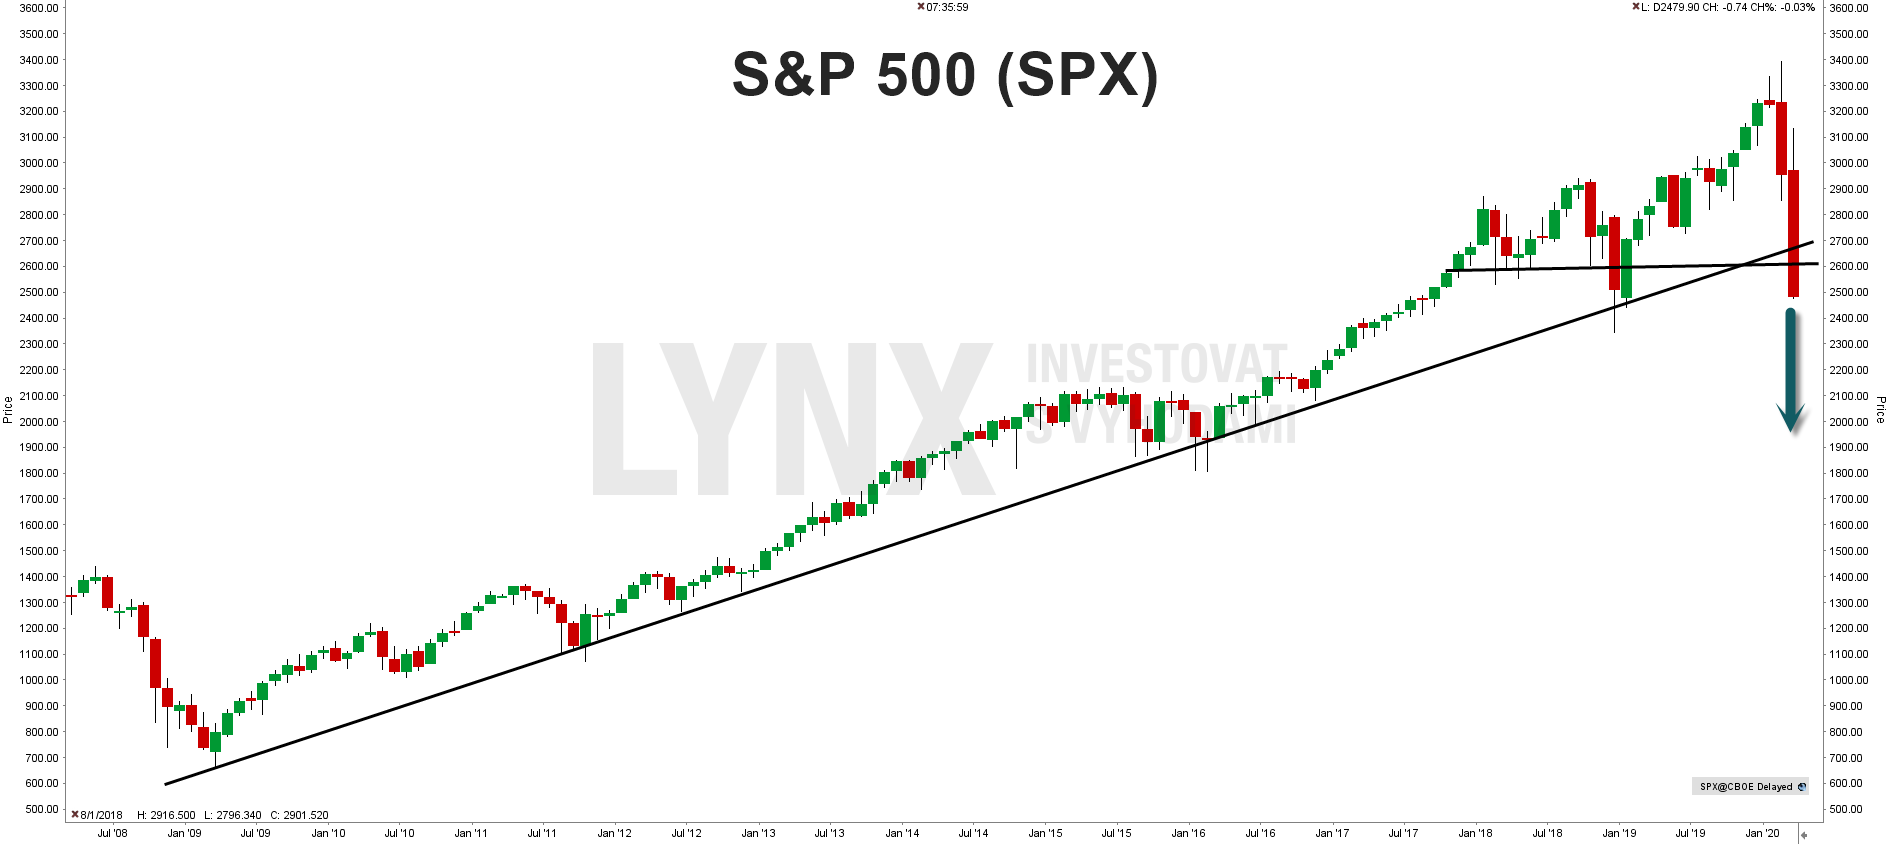 Oslabení technické analýzy - S&P 500